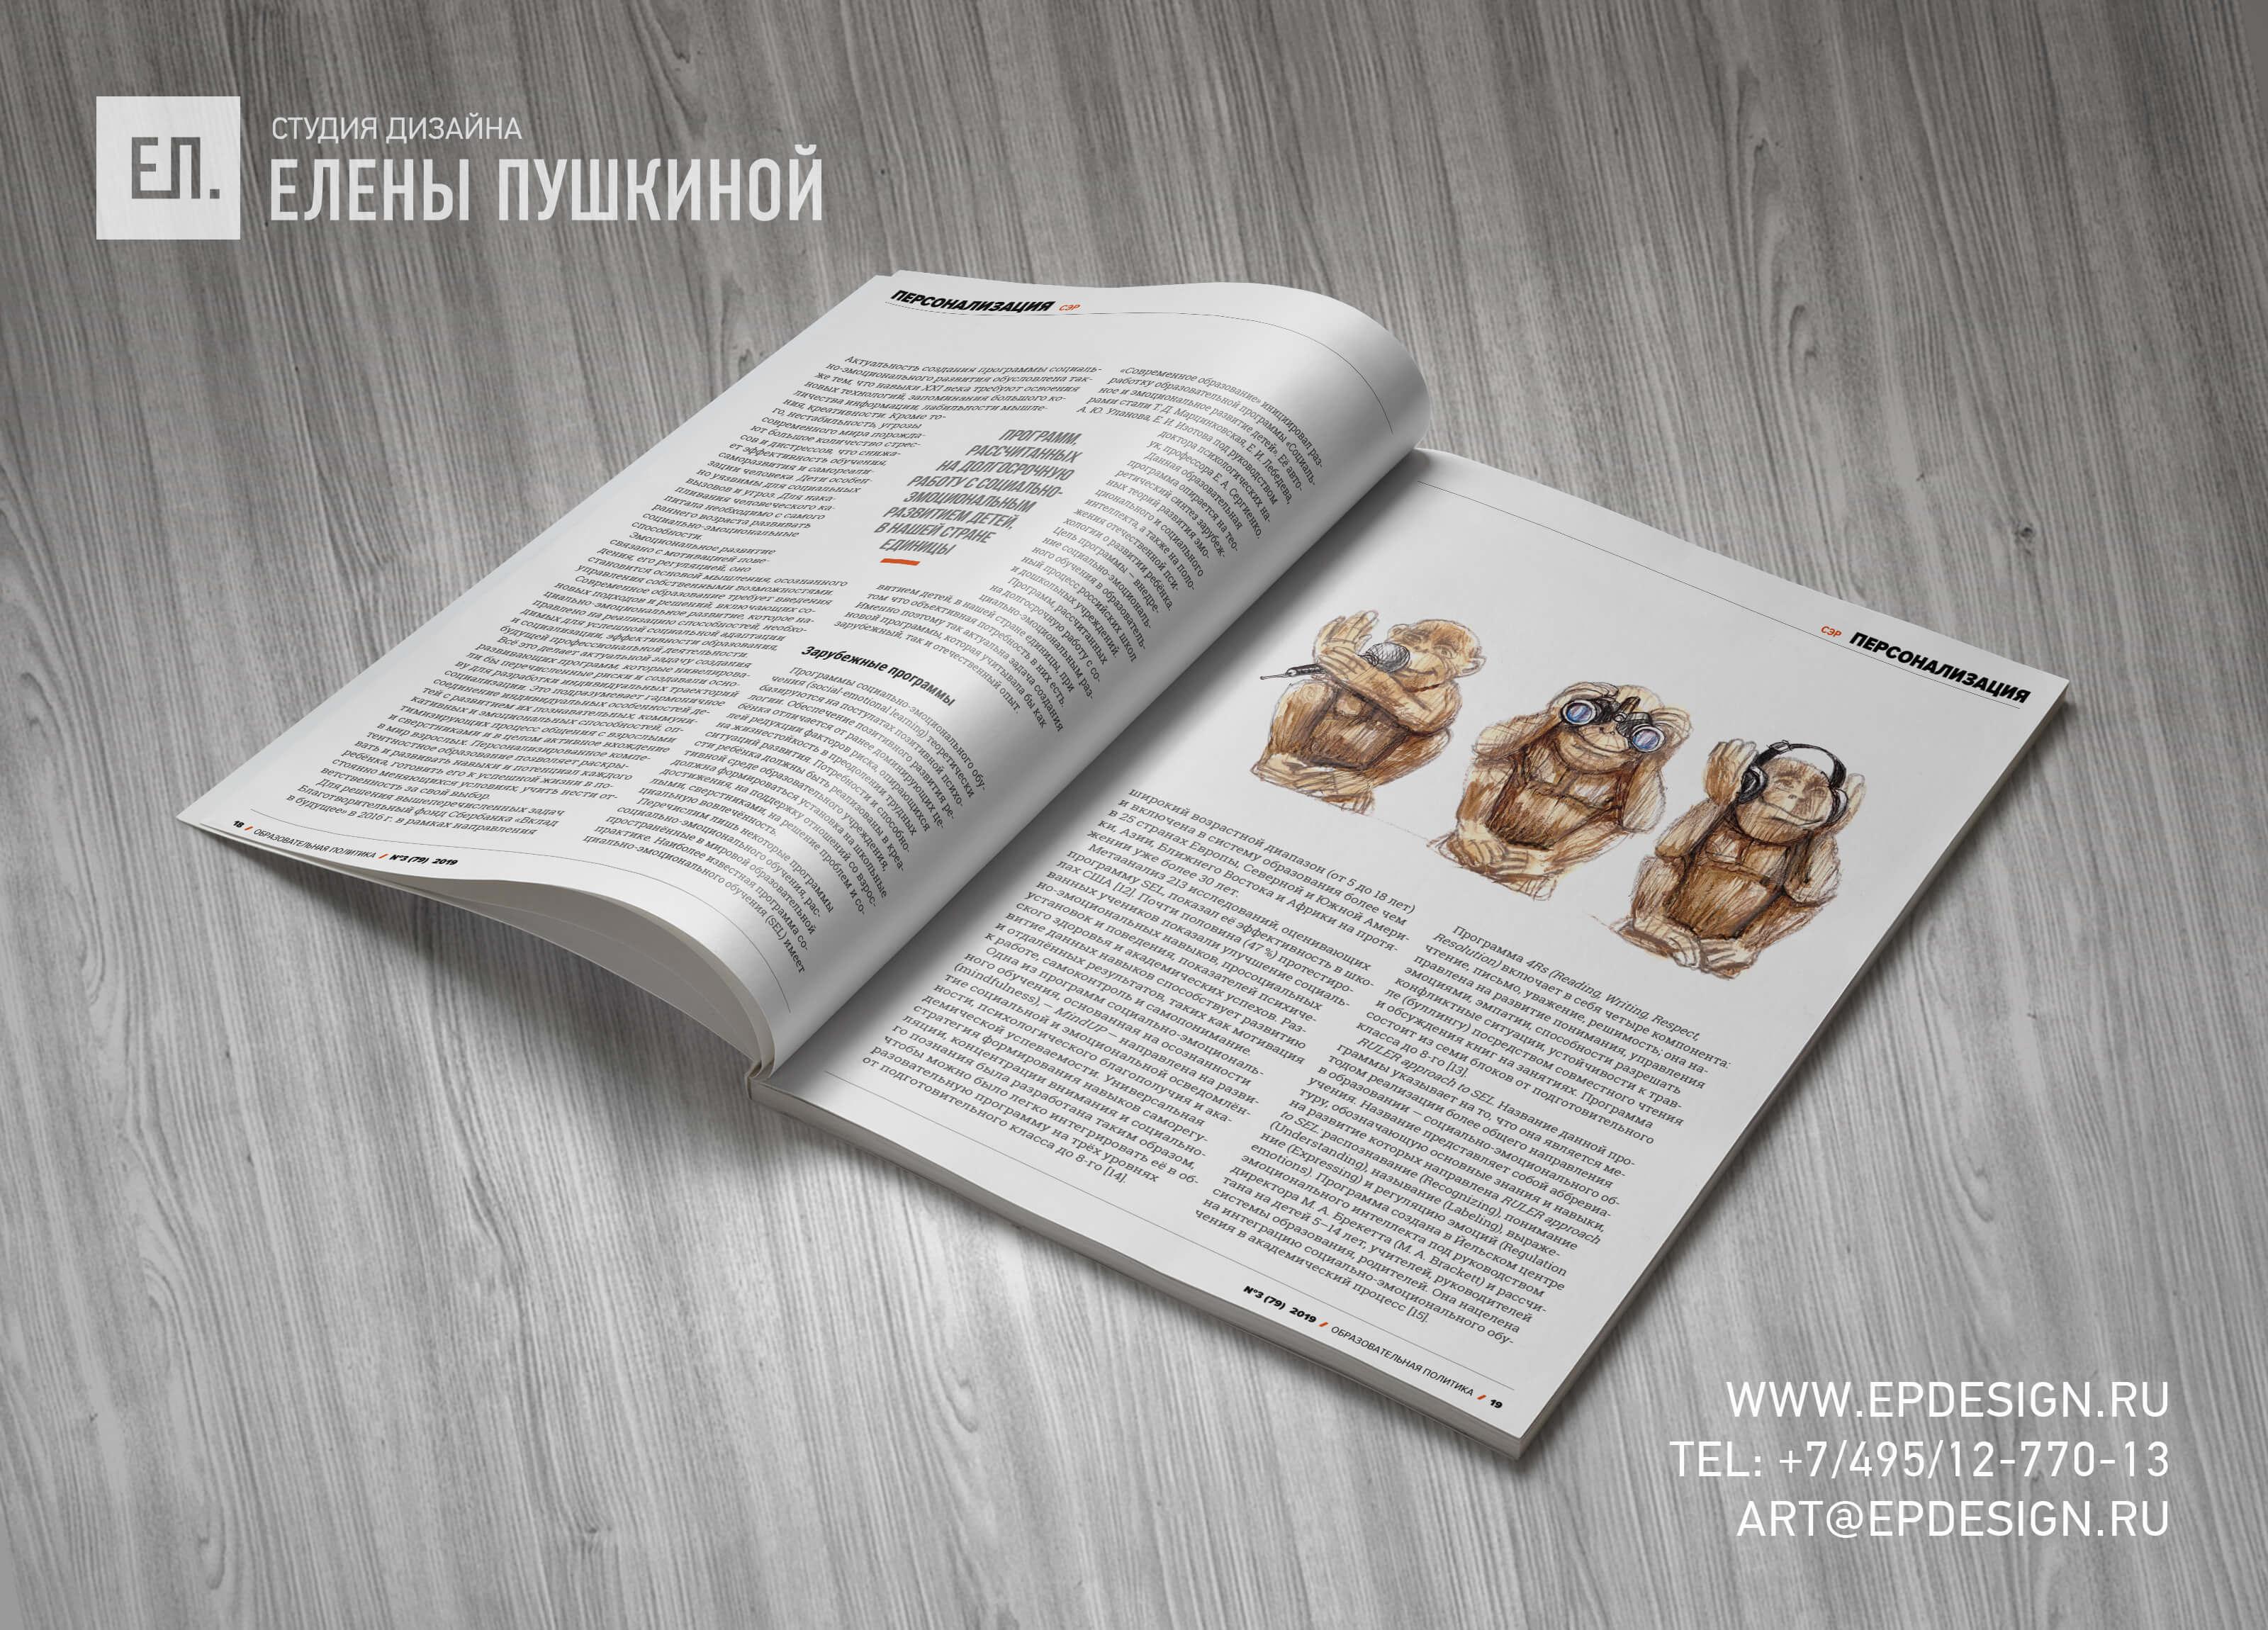 Журнал «Образовательная политика» РАНХиГС №3 (79) ноябрь 2019— разработка с«нуля» логотипа, обложки, макета ивёрстка журнала Разработка журналов Портфолио